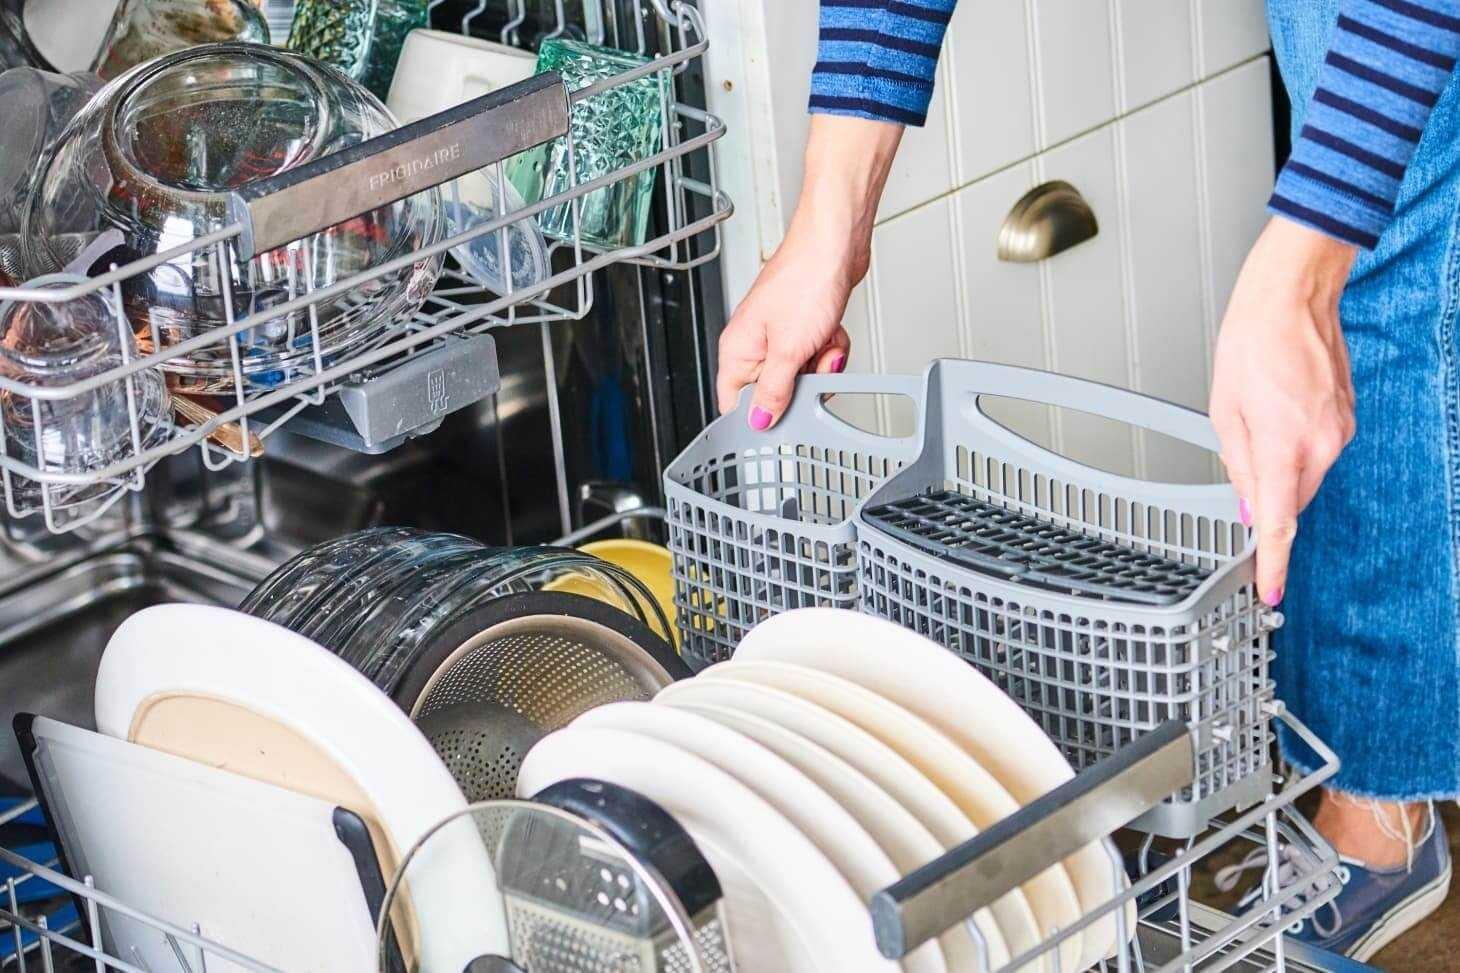 Чистка посудомоечной машины за 7 шагов (фото)